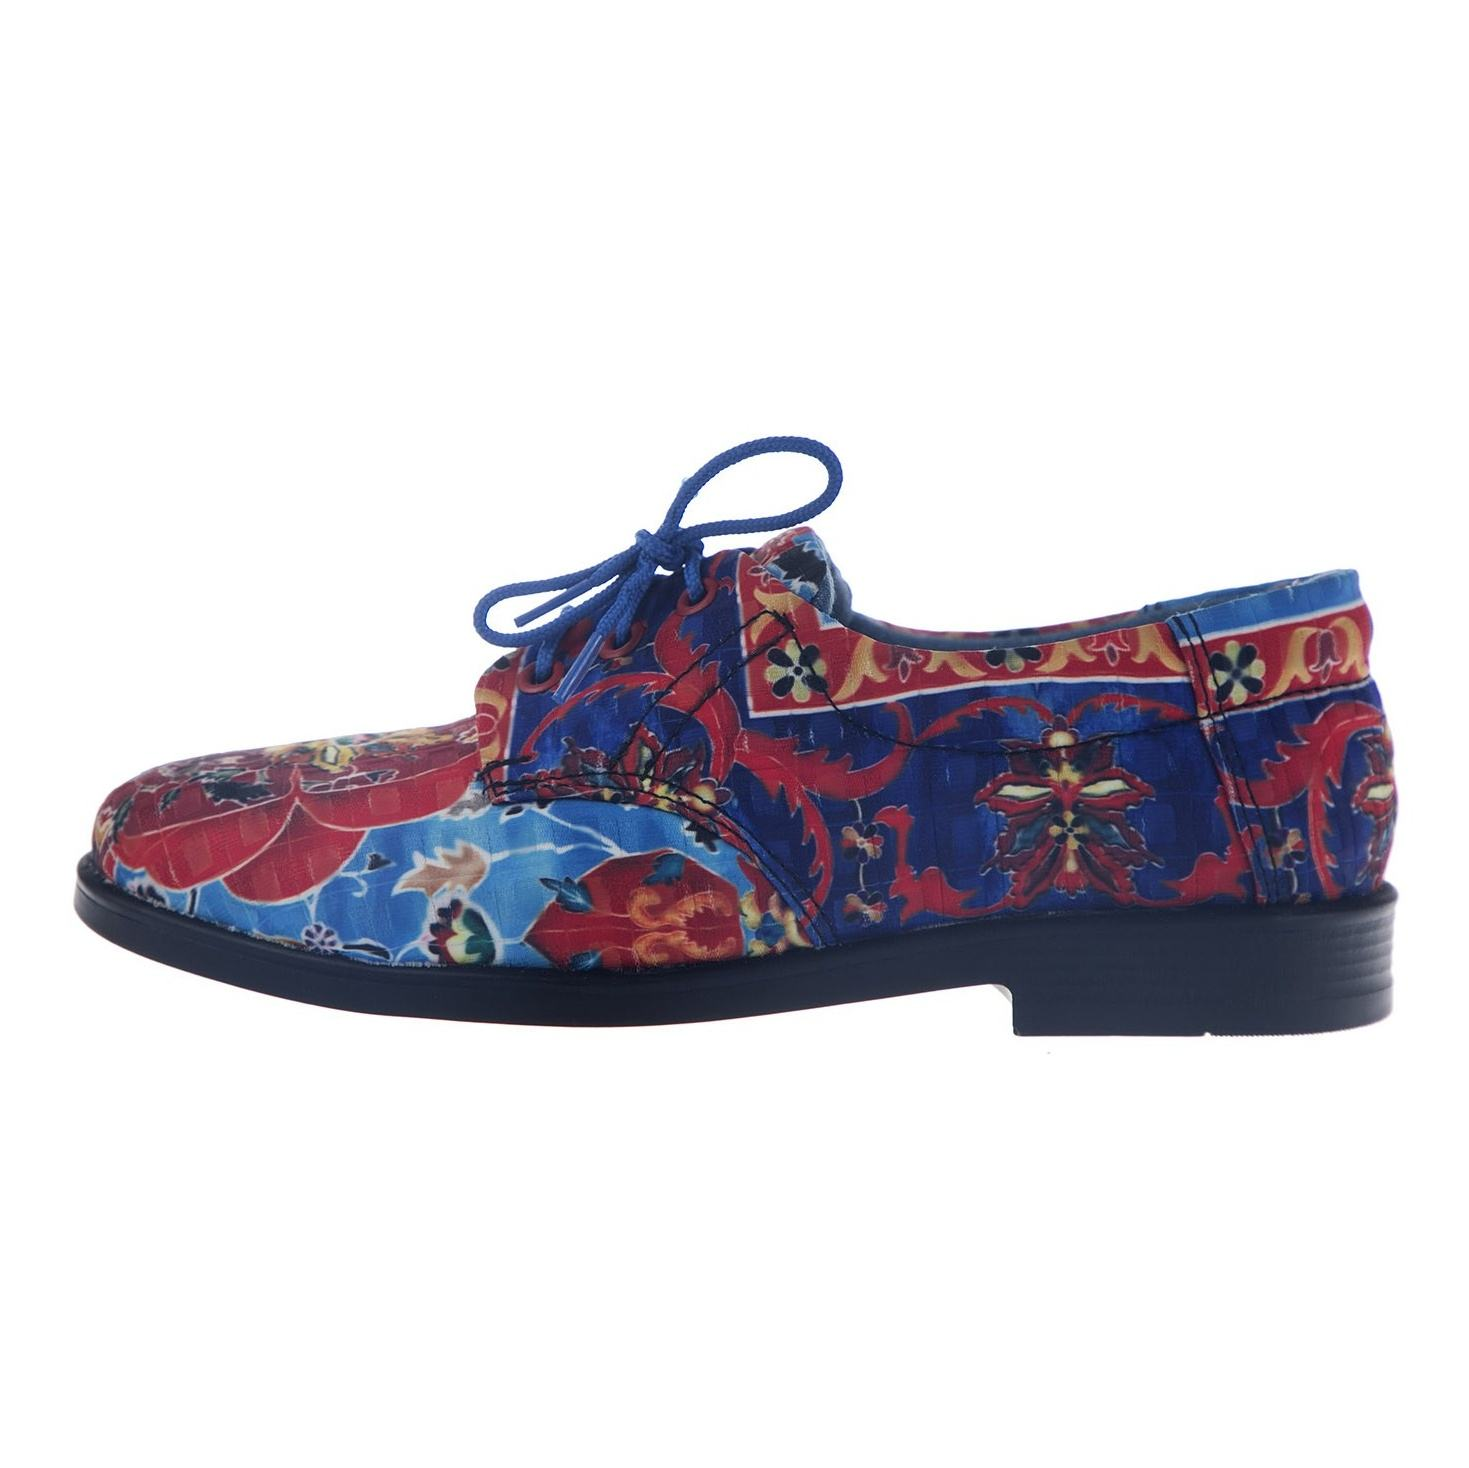 کفش تخت زنانه مدل نقاشی - مینا فخارزاده - قرمز/ آبی - 3